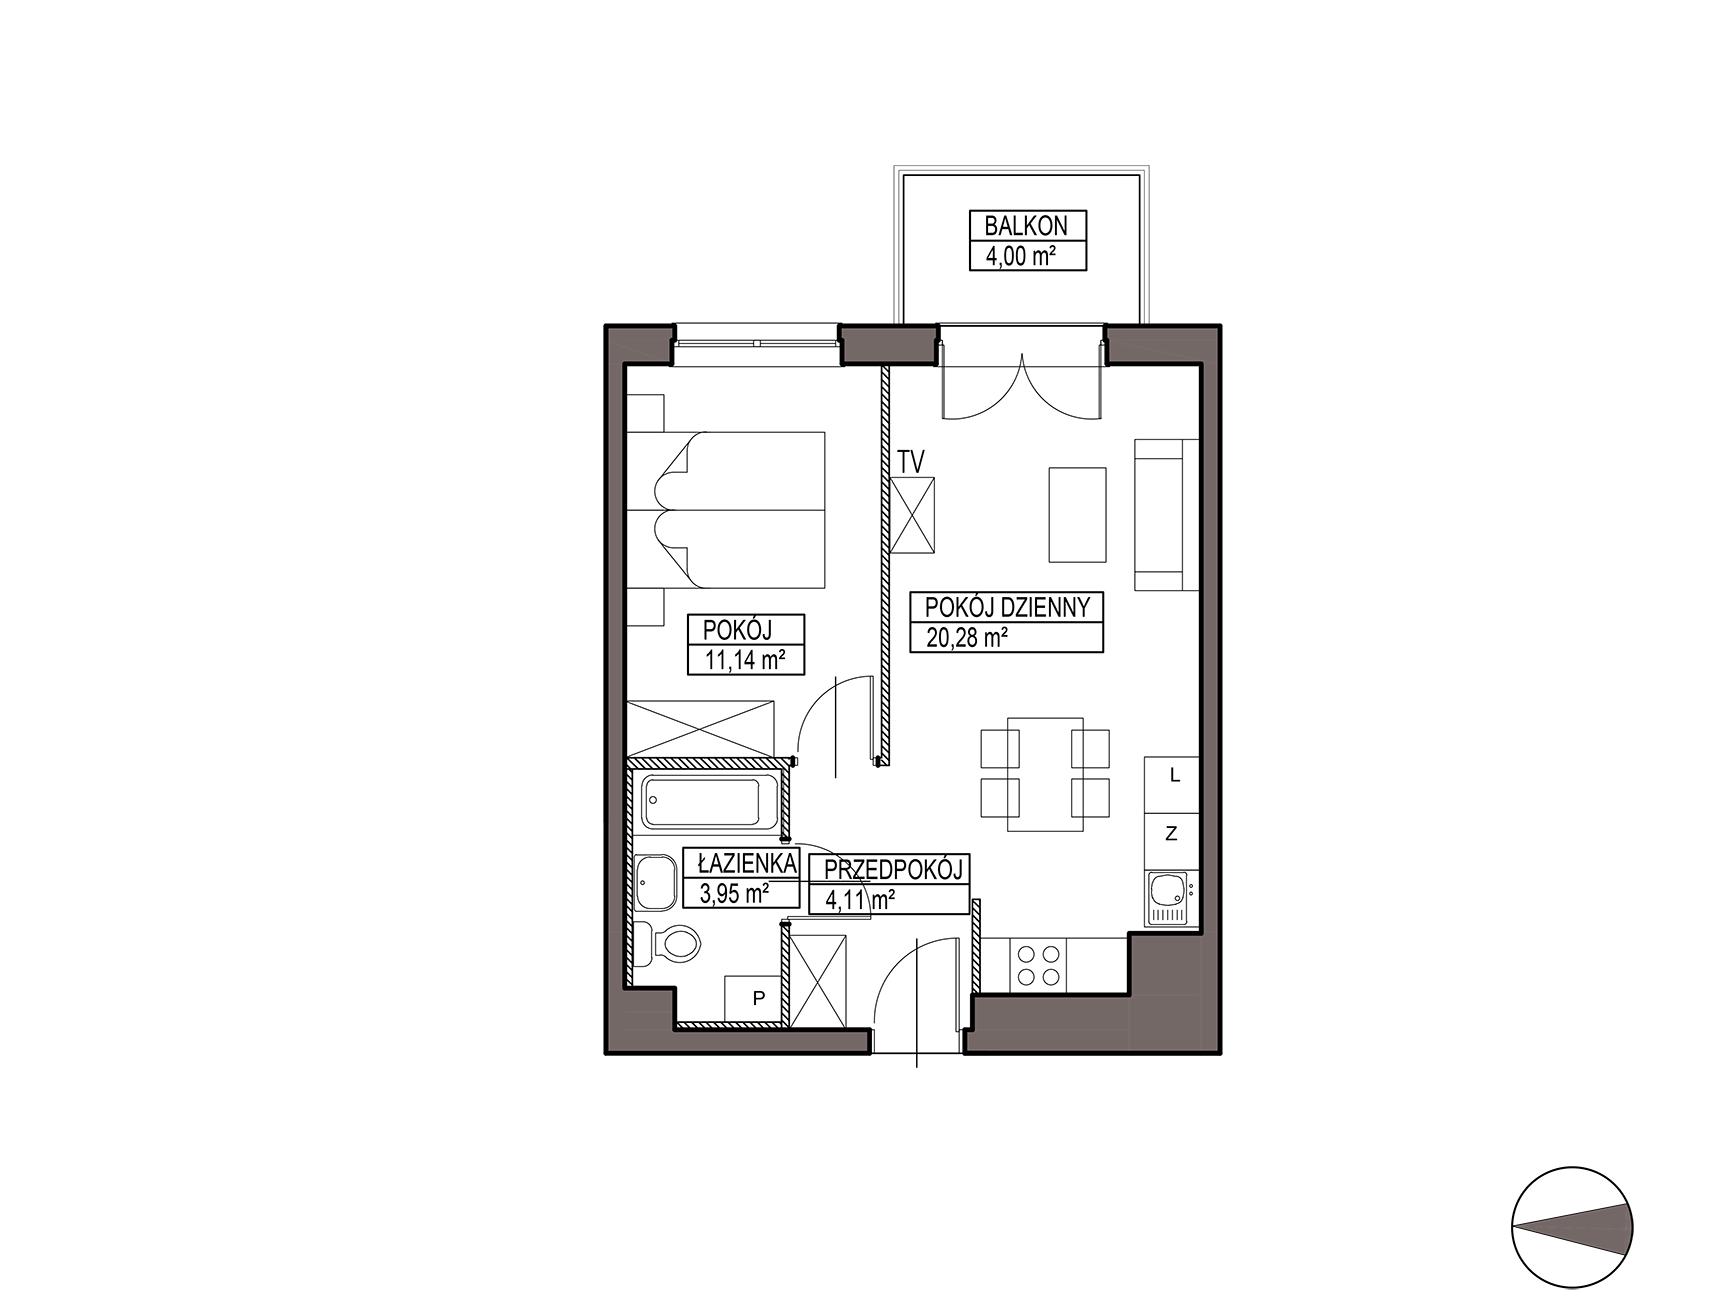 Uroczysko III / budynek 6 / mieszkanie H/2/23 rzut 1